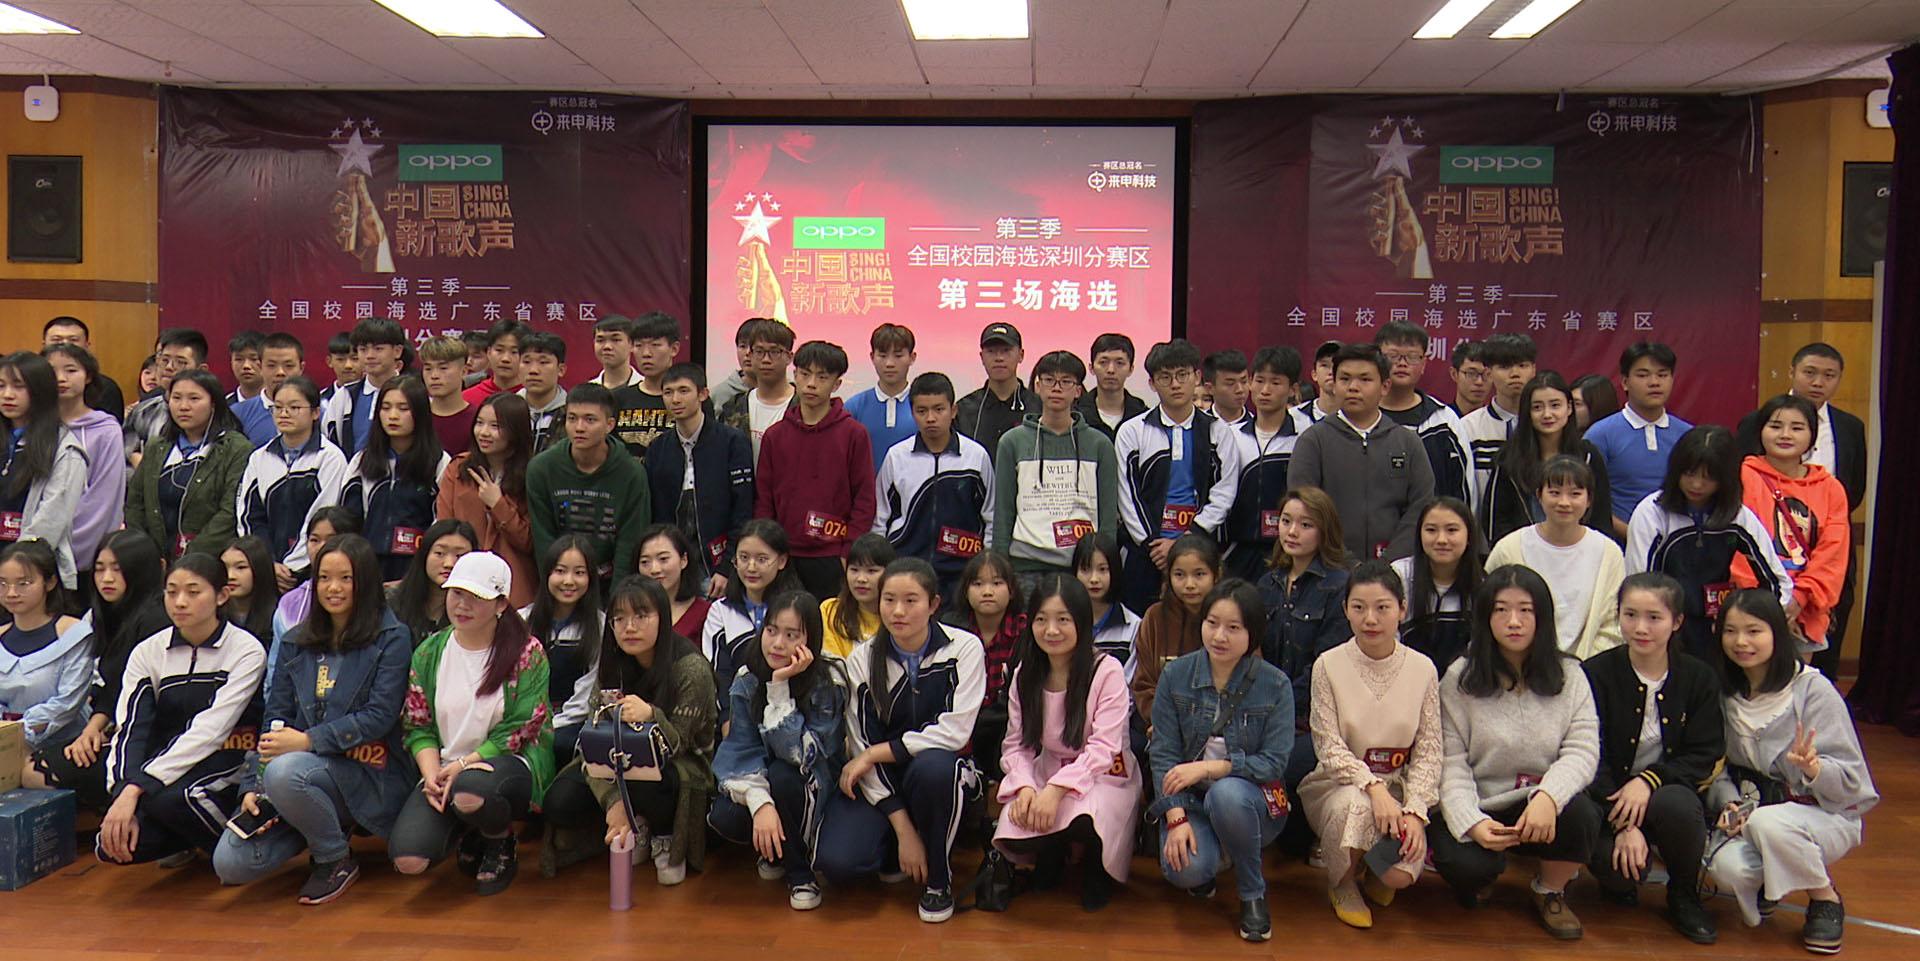 《中国新歌声》第三场初选 开放职校赛区取得圆满成功